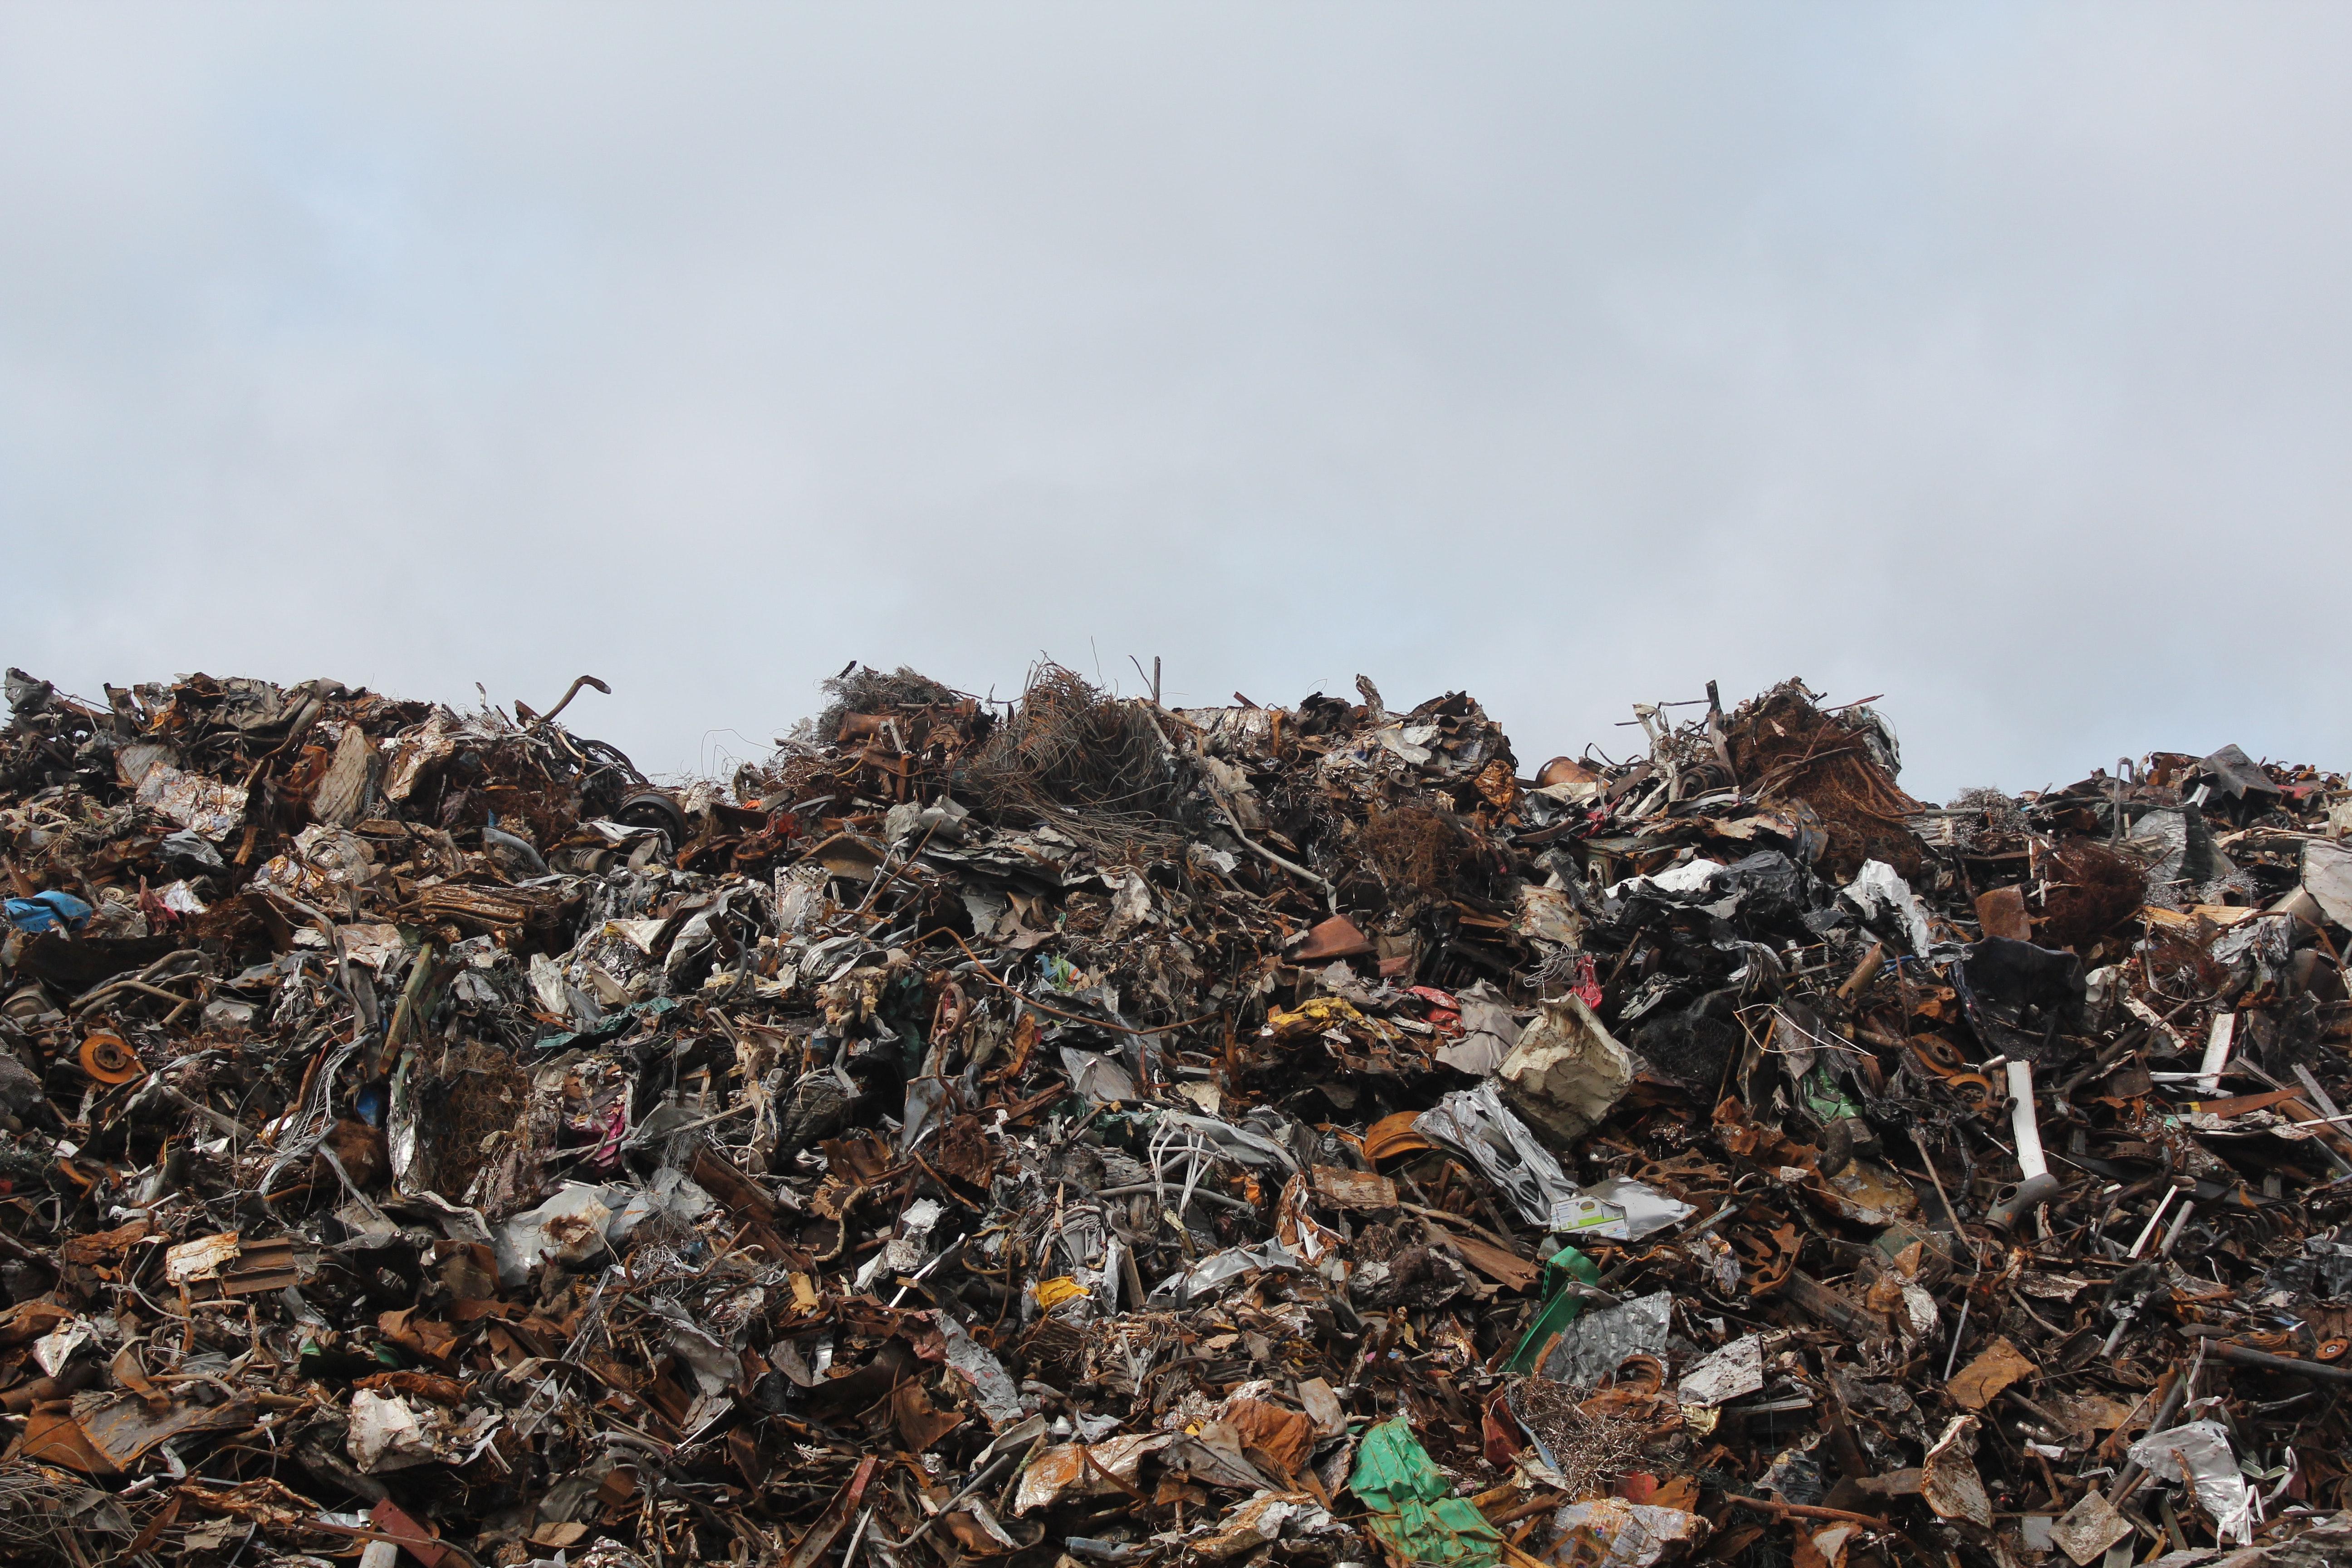 Los rellenos sanitarios distan mucho de ser una alterativa sostenible para los residuos